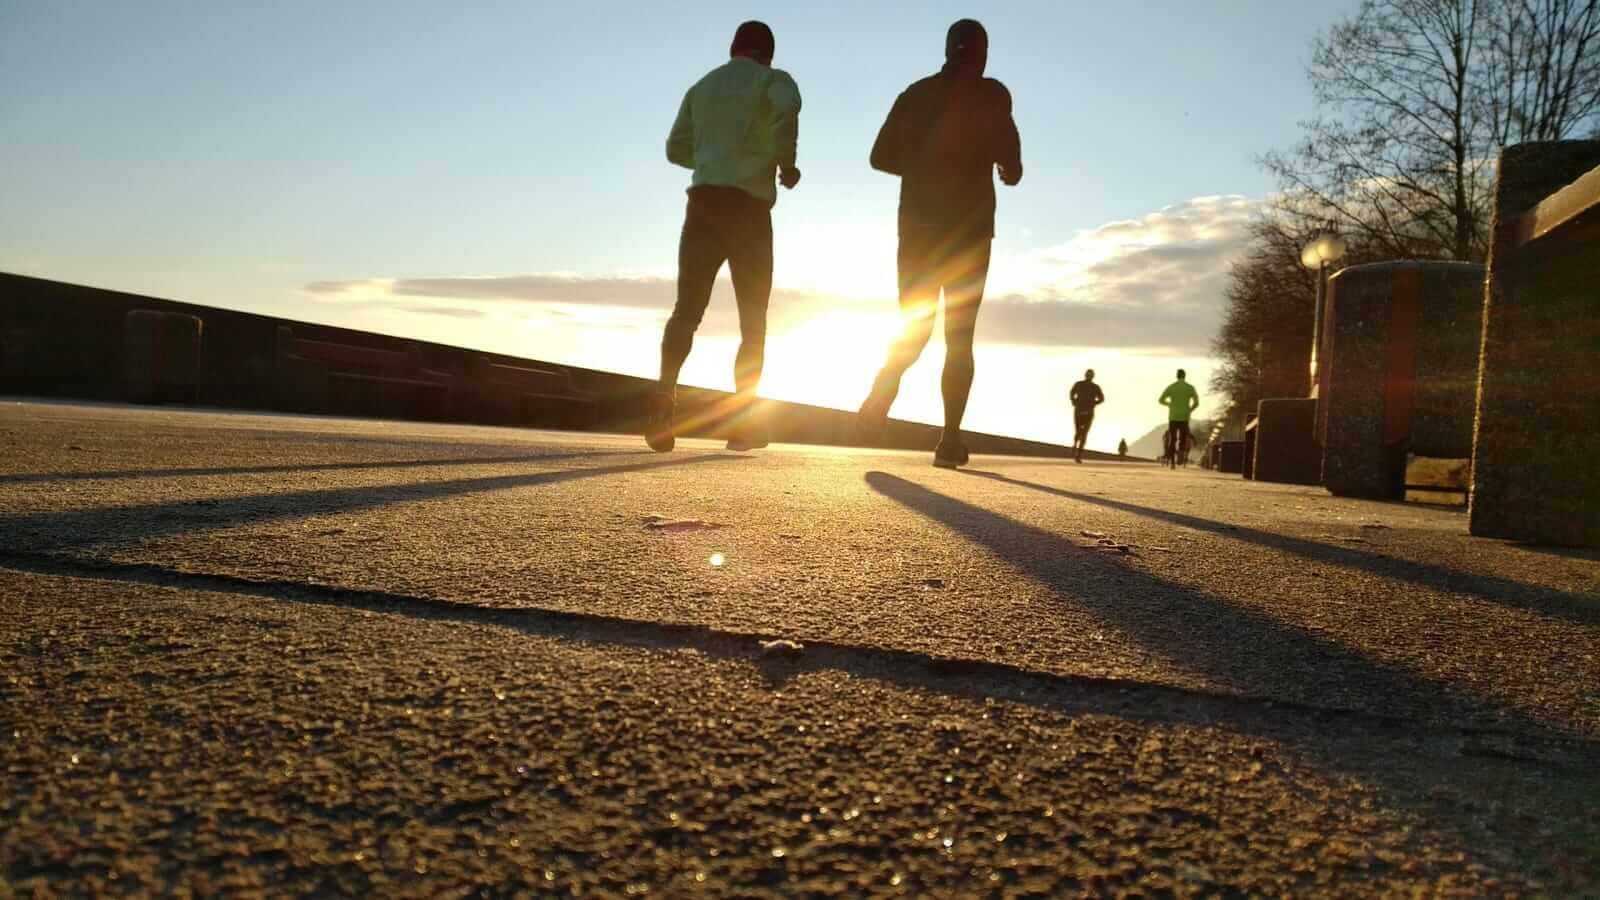 Dwóch mężczyzn biegnie o zachodzie słońca.